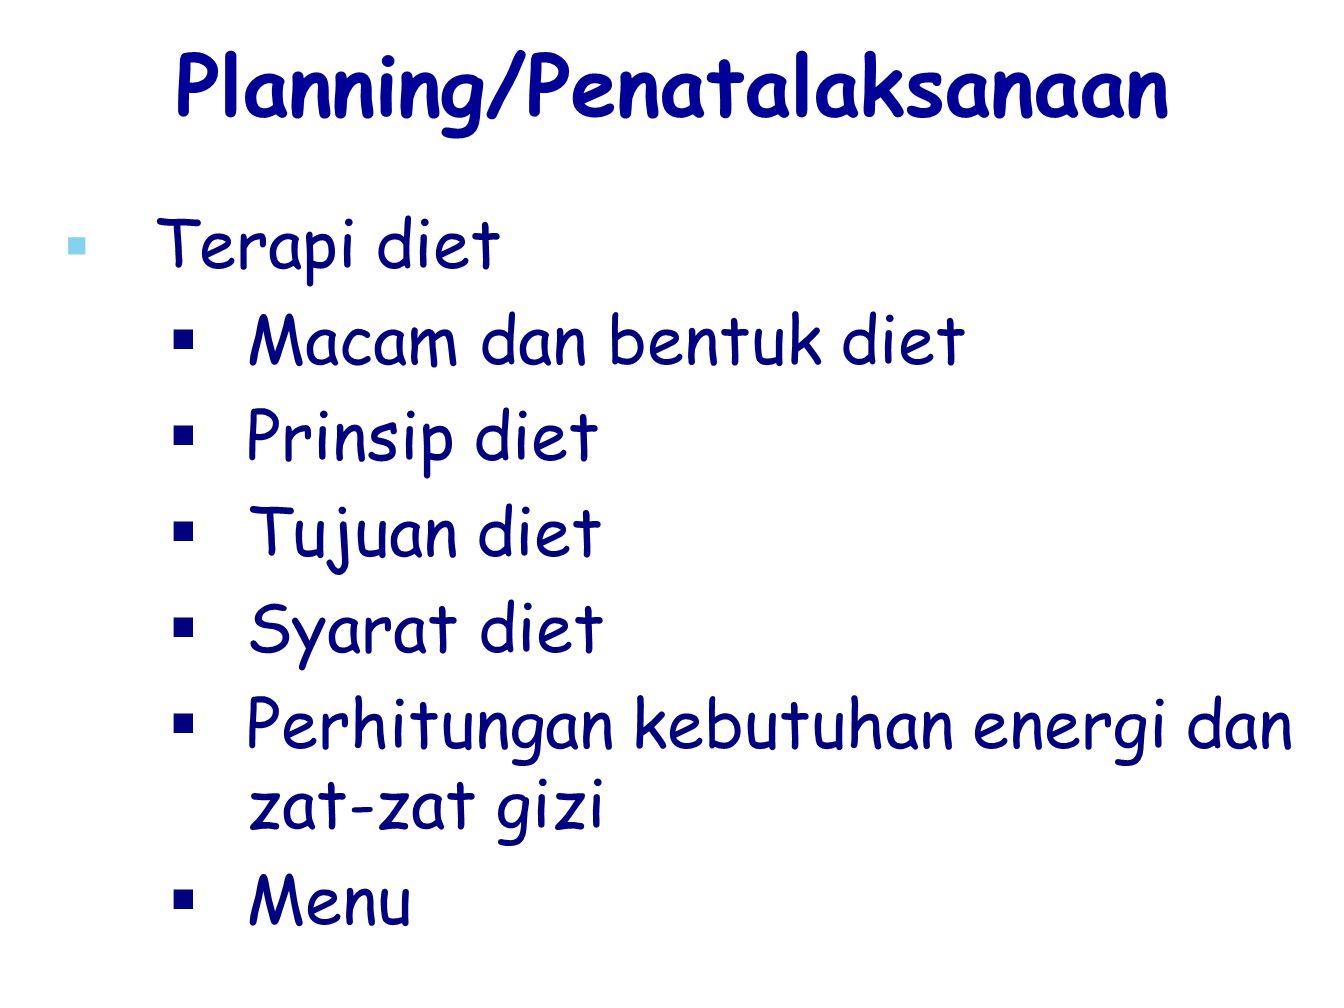   Terapi diet   Macam dan bentuk diet   Prinsip diet   Tujuan diet   Syarat diet   Perhitungan kebutuhan energi dan zat-zat gizi   Menu